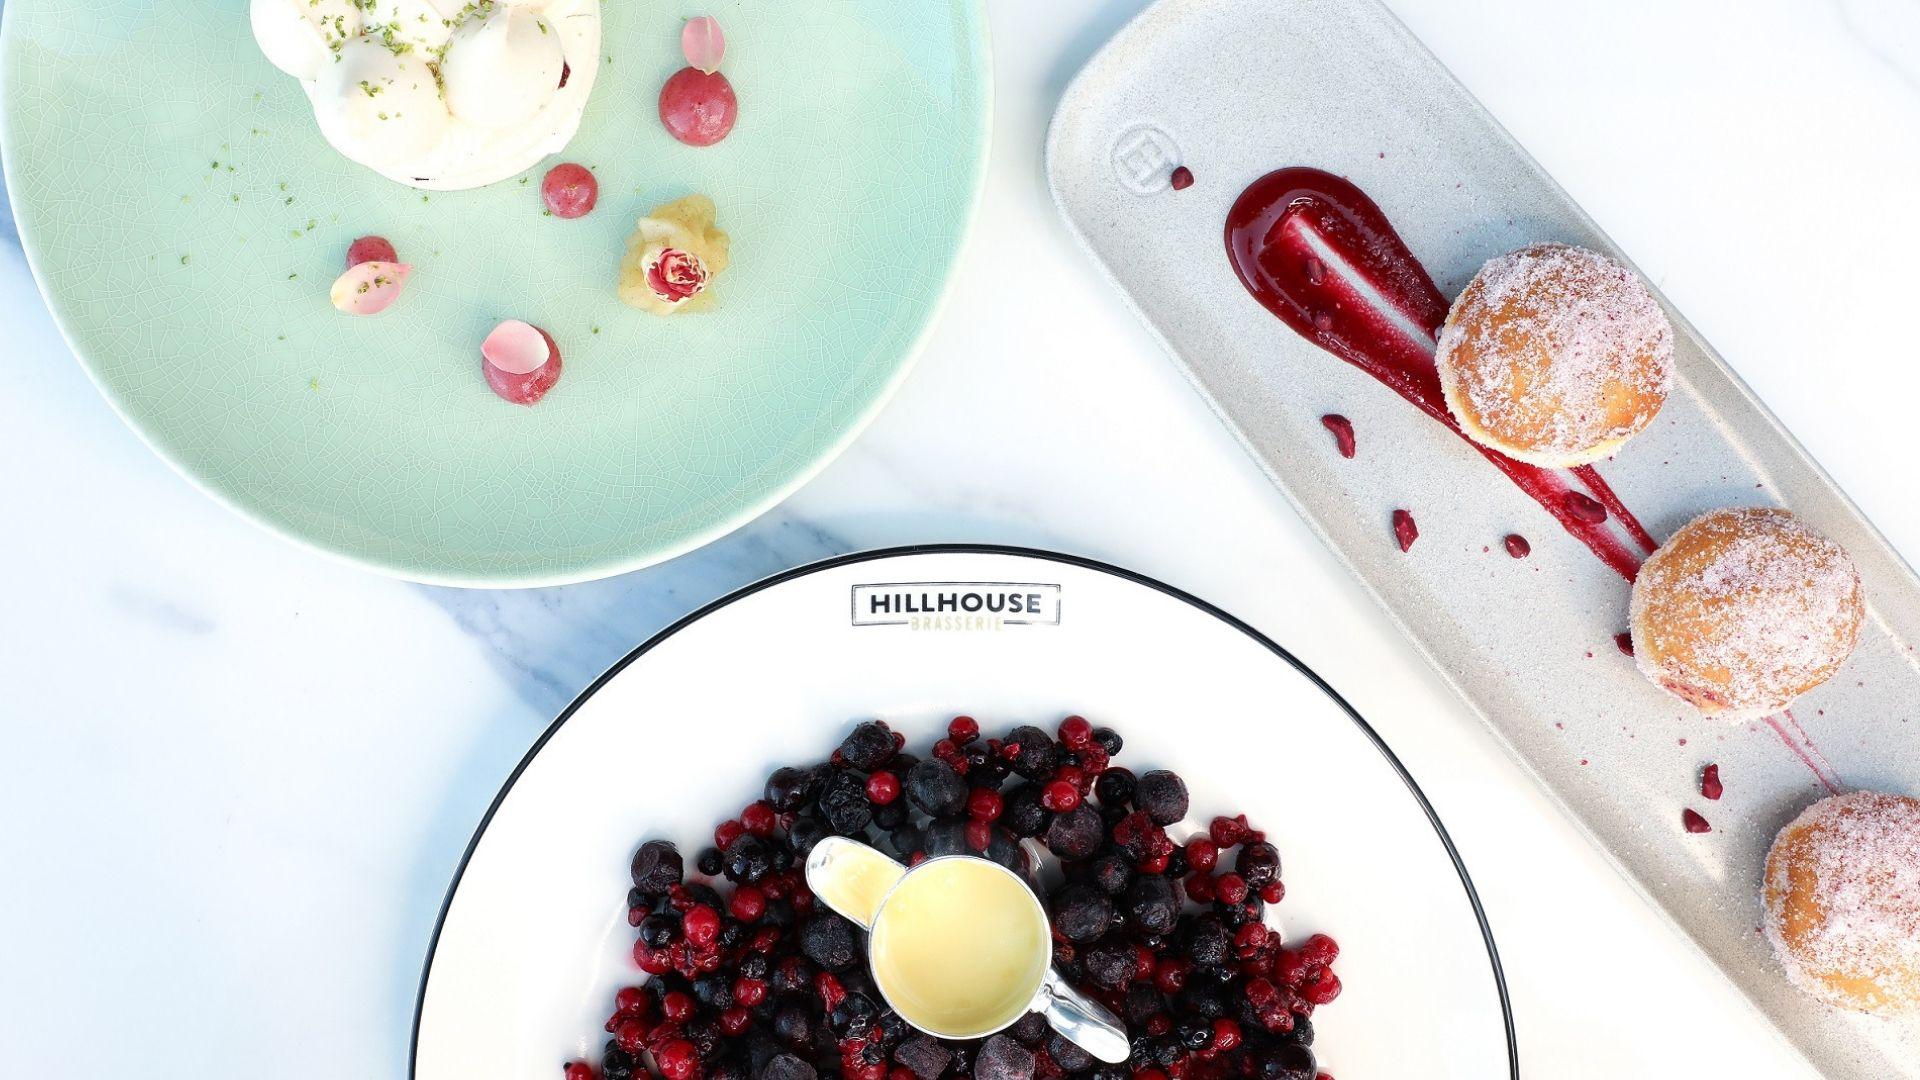 Hillhouse-Brasserie--Brunch-Dessert